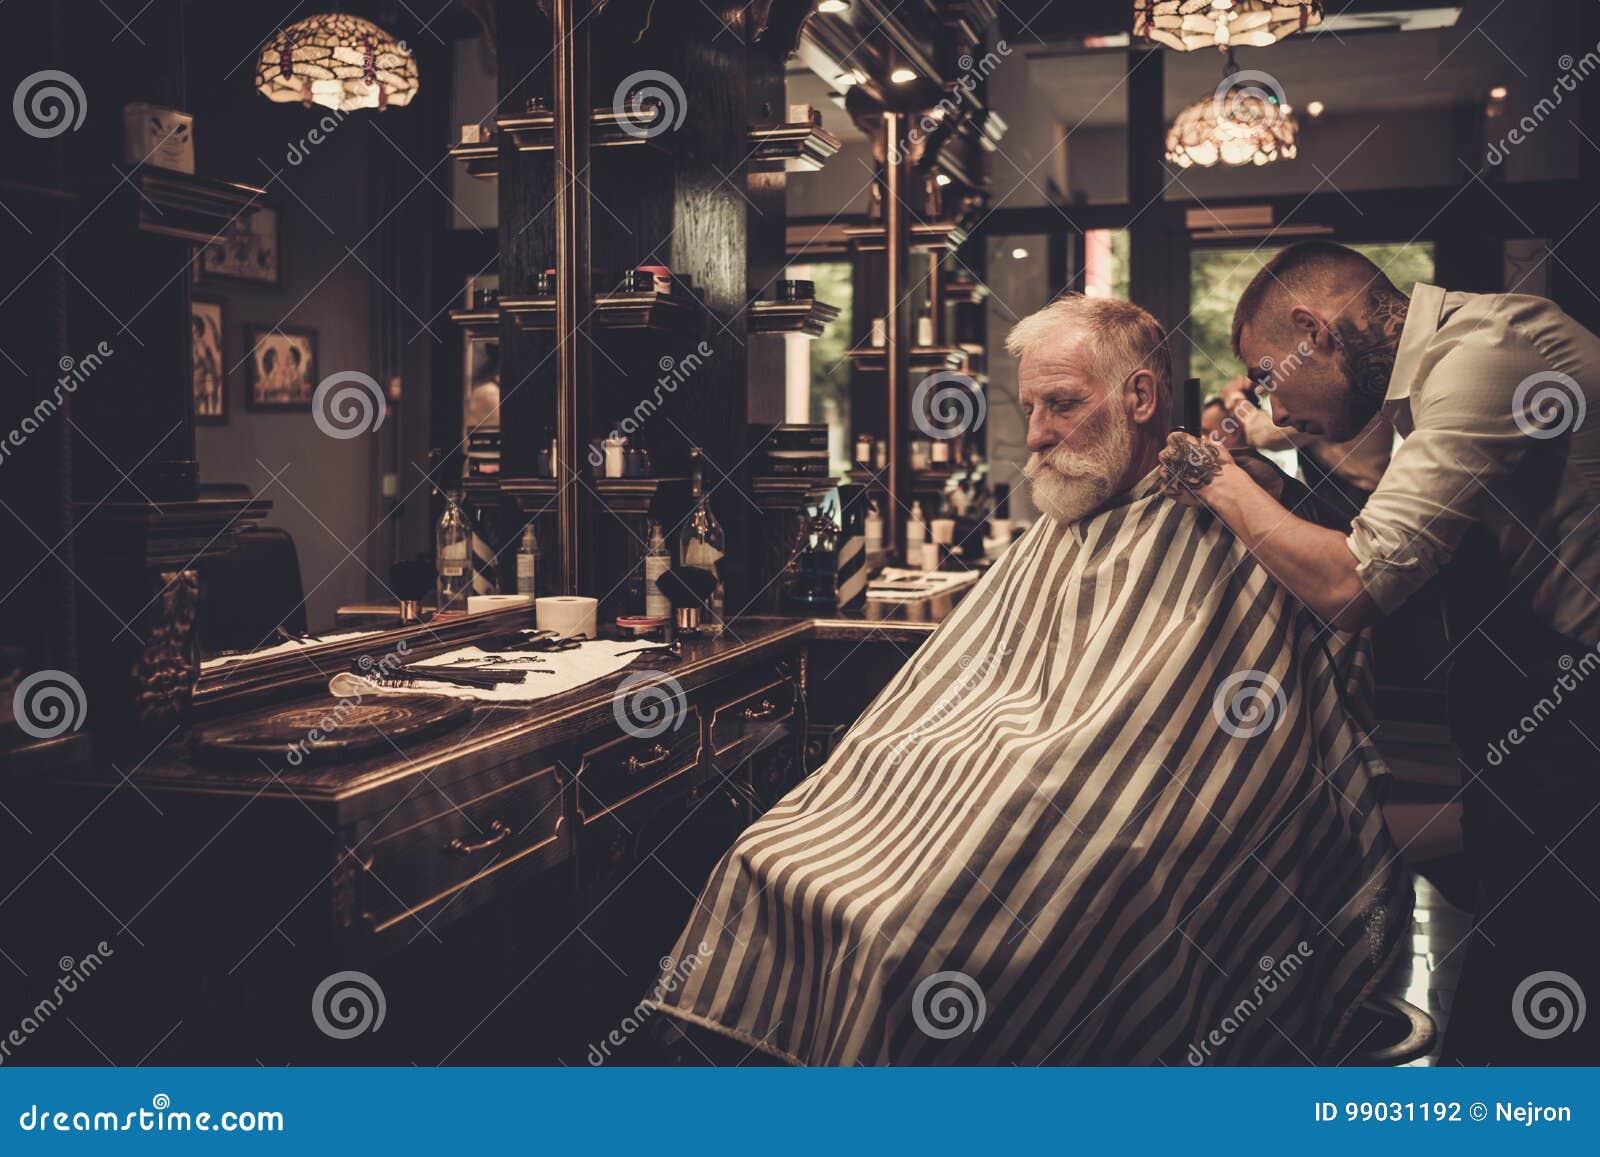 Styliste En Coiffure De Visite D Homme Superieur Dans Le Salon De Coiffure Photo Stock Image Du Homme Salon 99031192